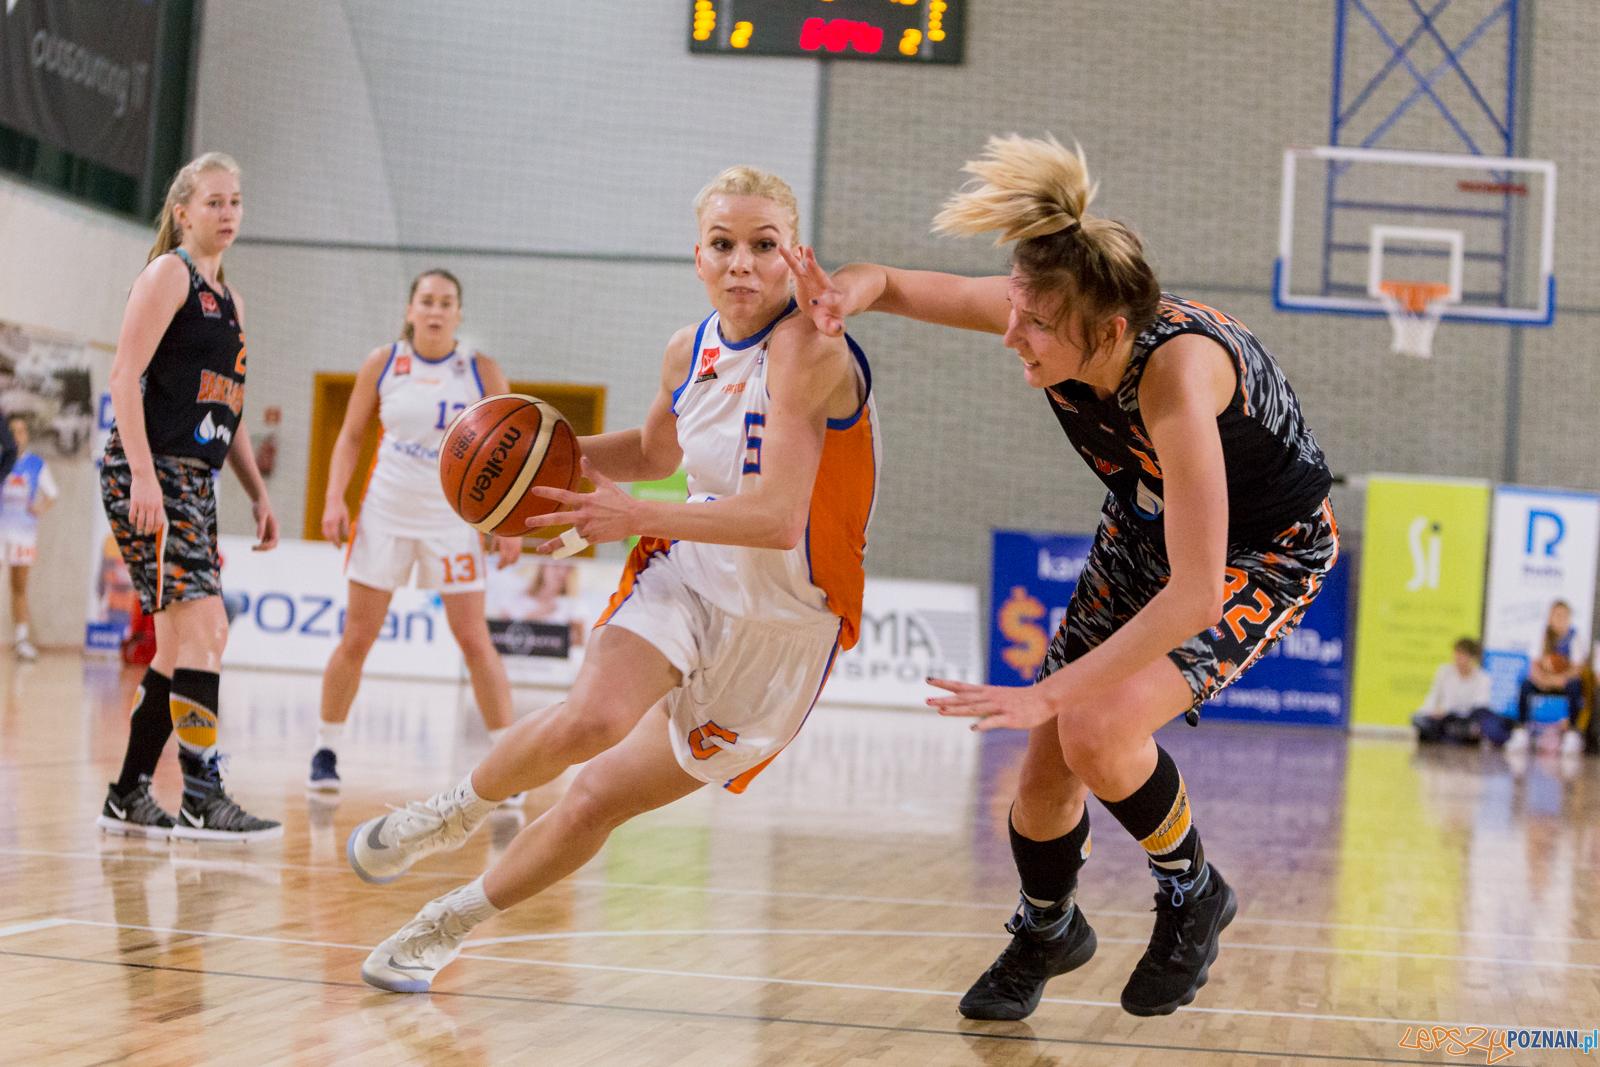 Pomarańczarnia MUKS Poznań – UKS Basket SMS Aleksandrów Łódzki 85:91 - Poznań 25.11.2017 r.  Foto: LepszyPOZNAN.pl / Paweł Rychter